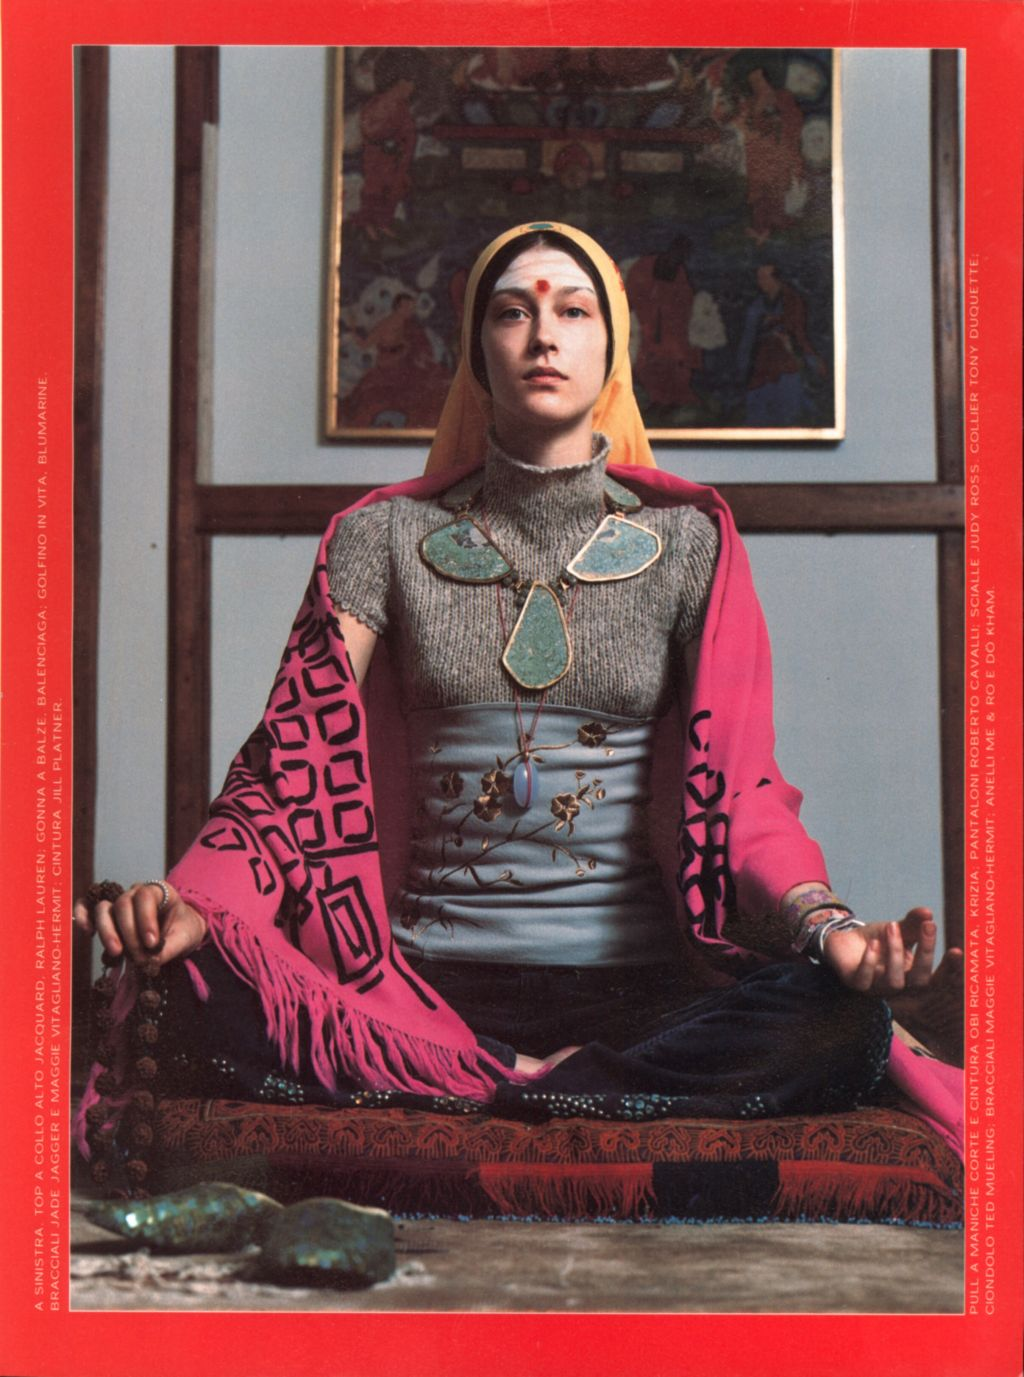 Cuerpo y Alma en Vogue Italia, 1999